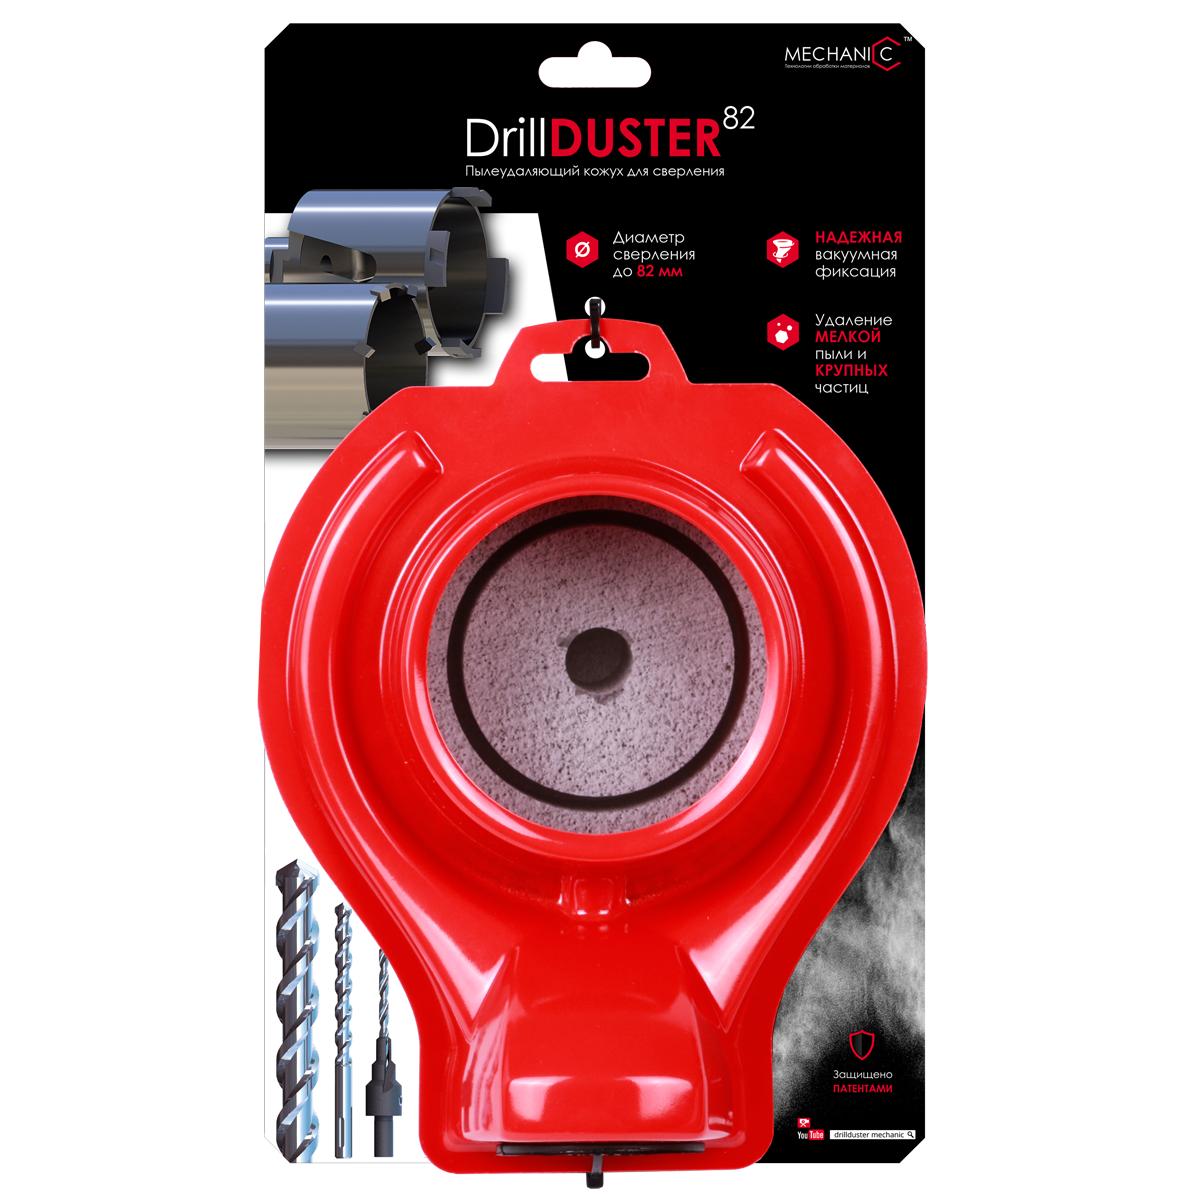 Пиловловлювач для свердління DrillDUSTER 82